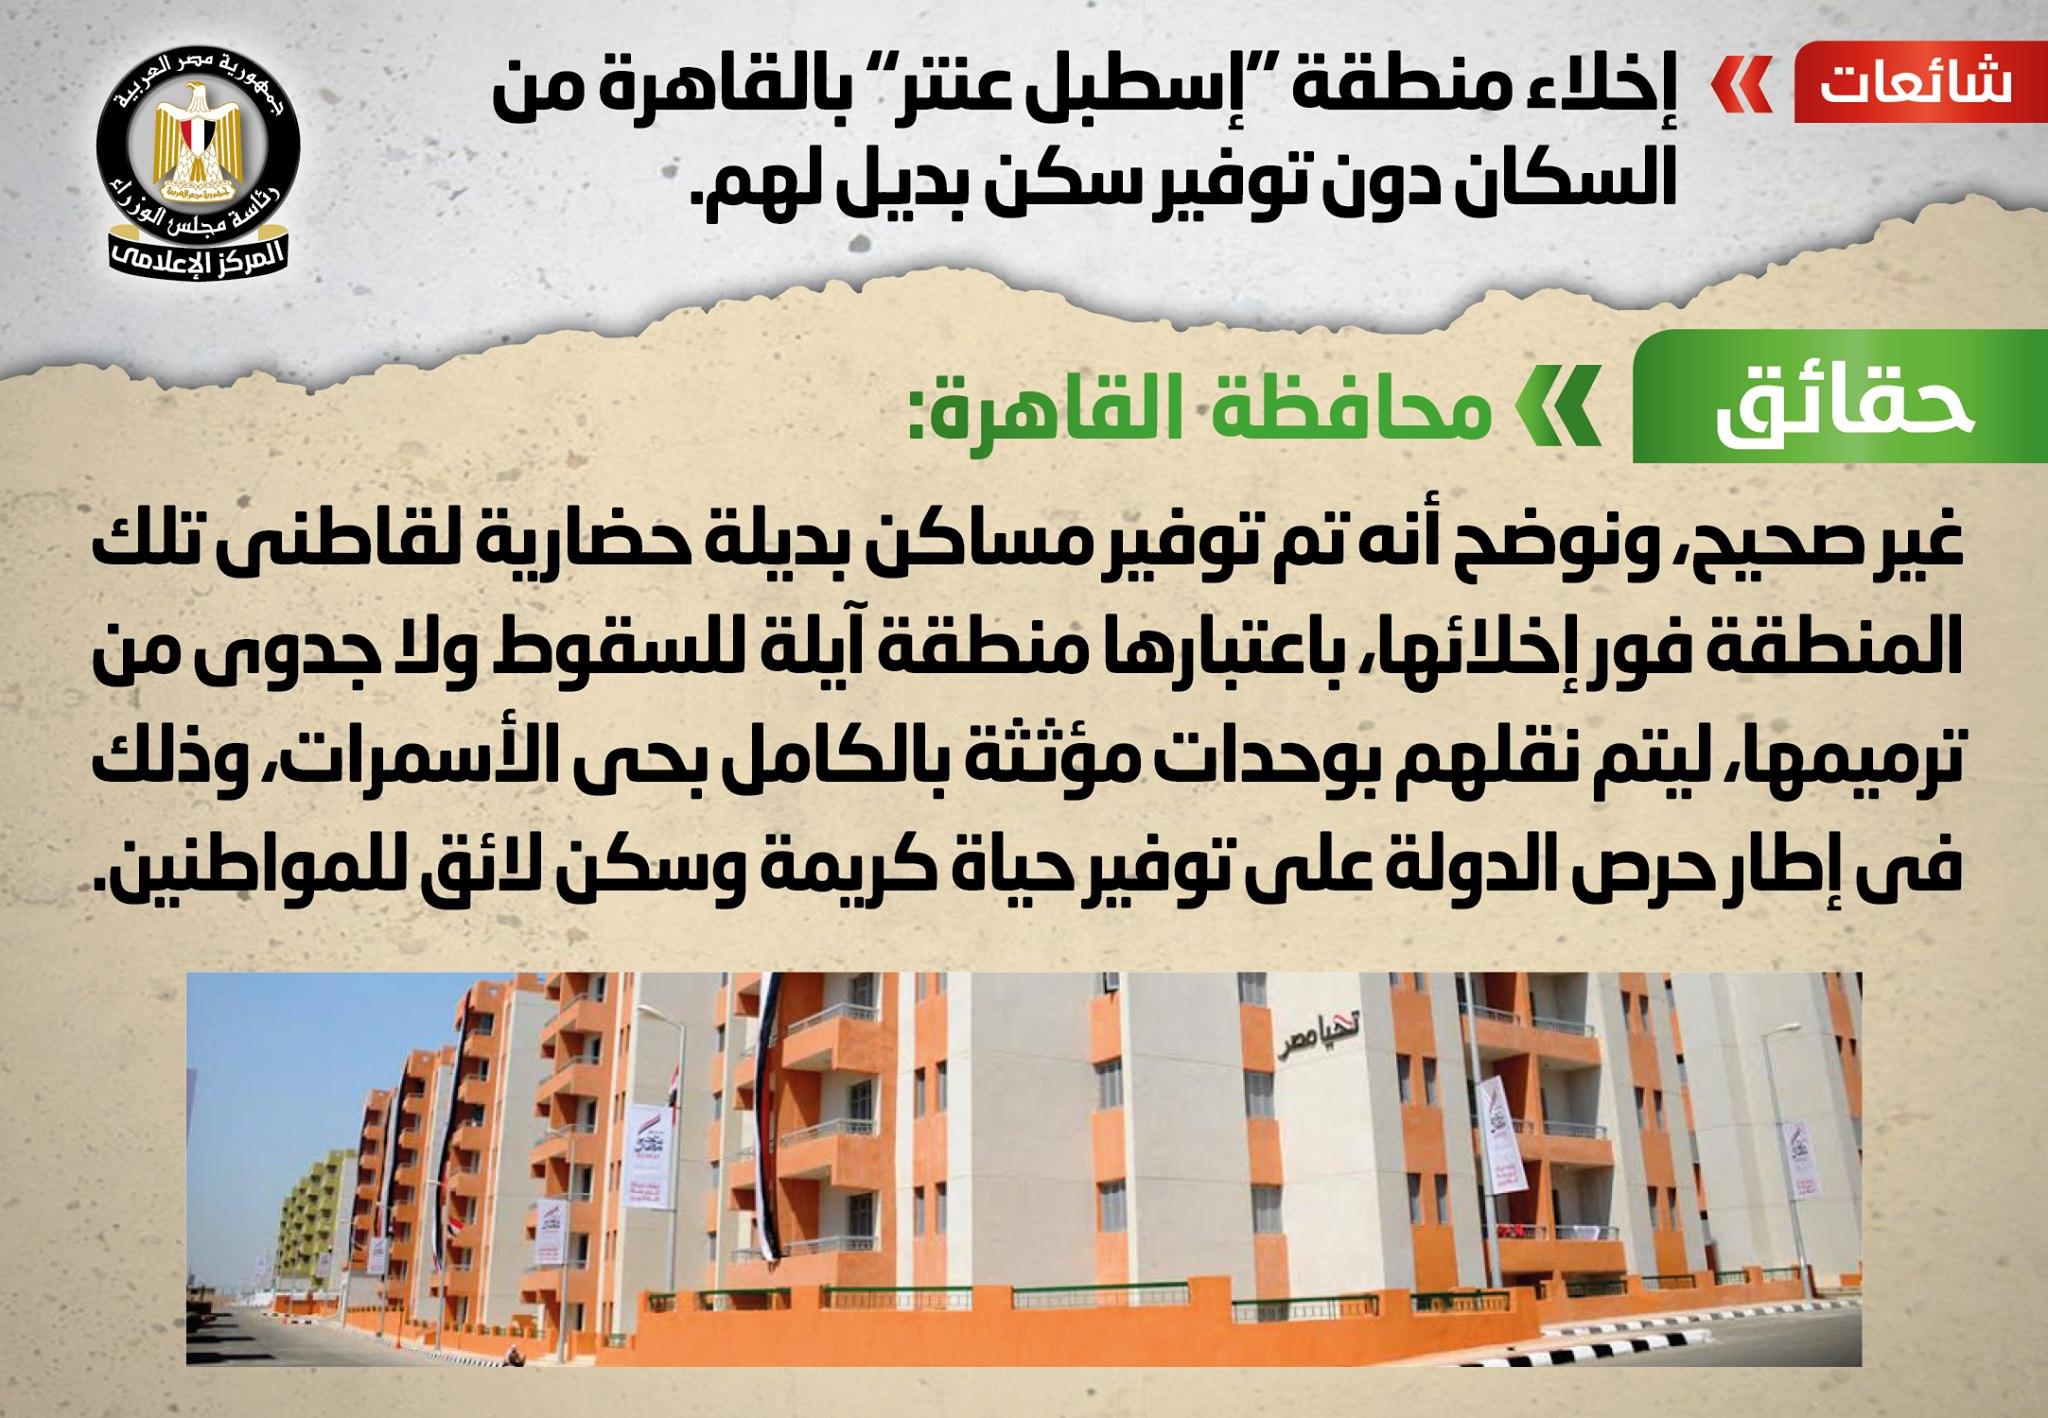 إخلاء منطقة إسطبل عنتر بالقاهرة